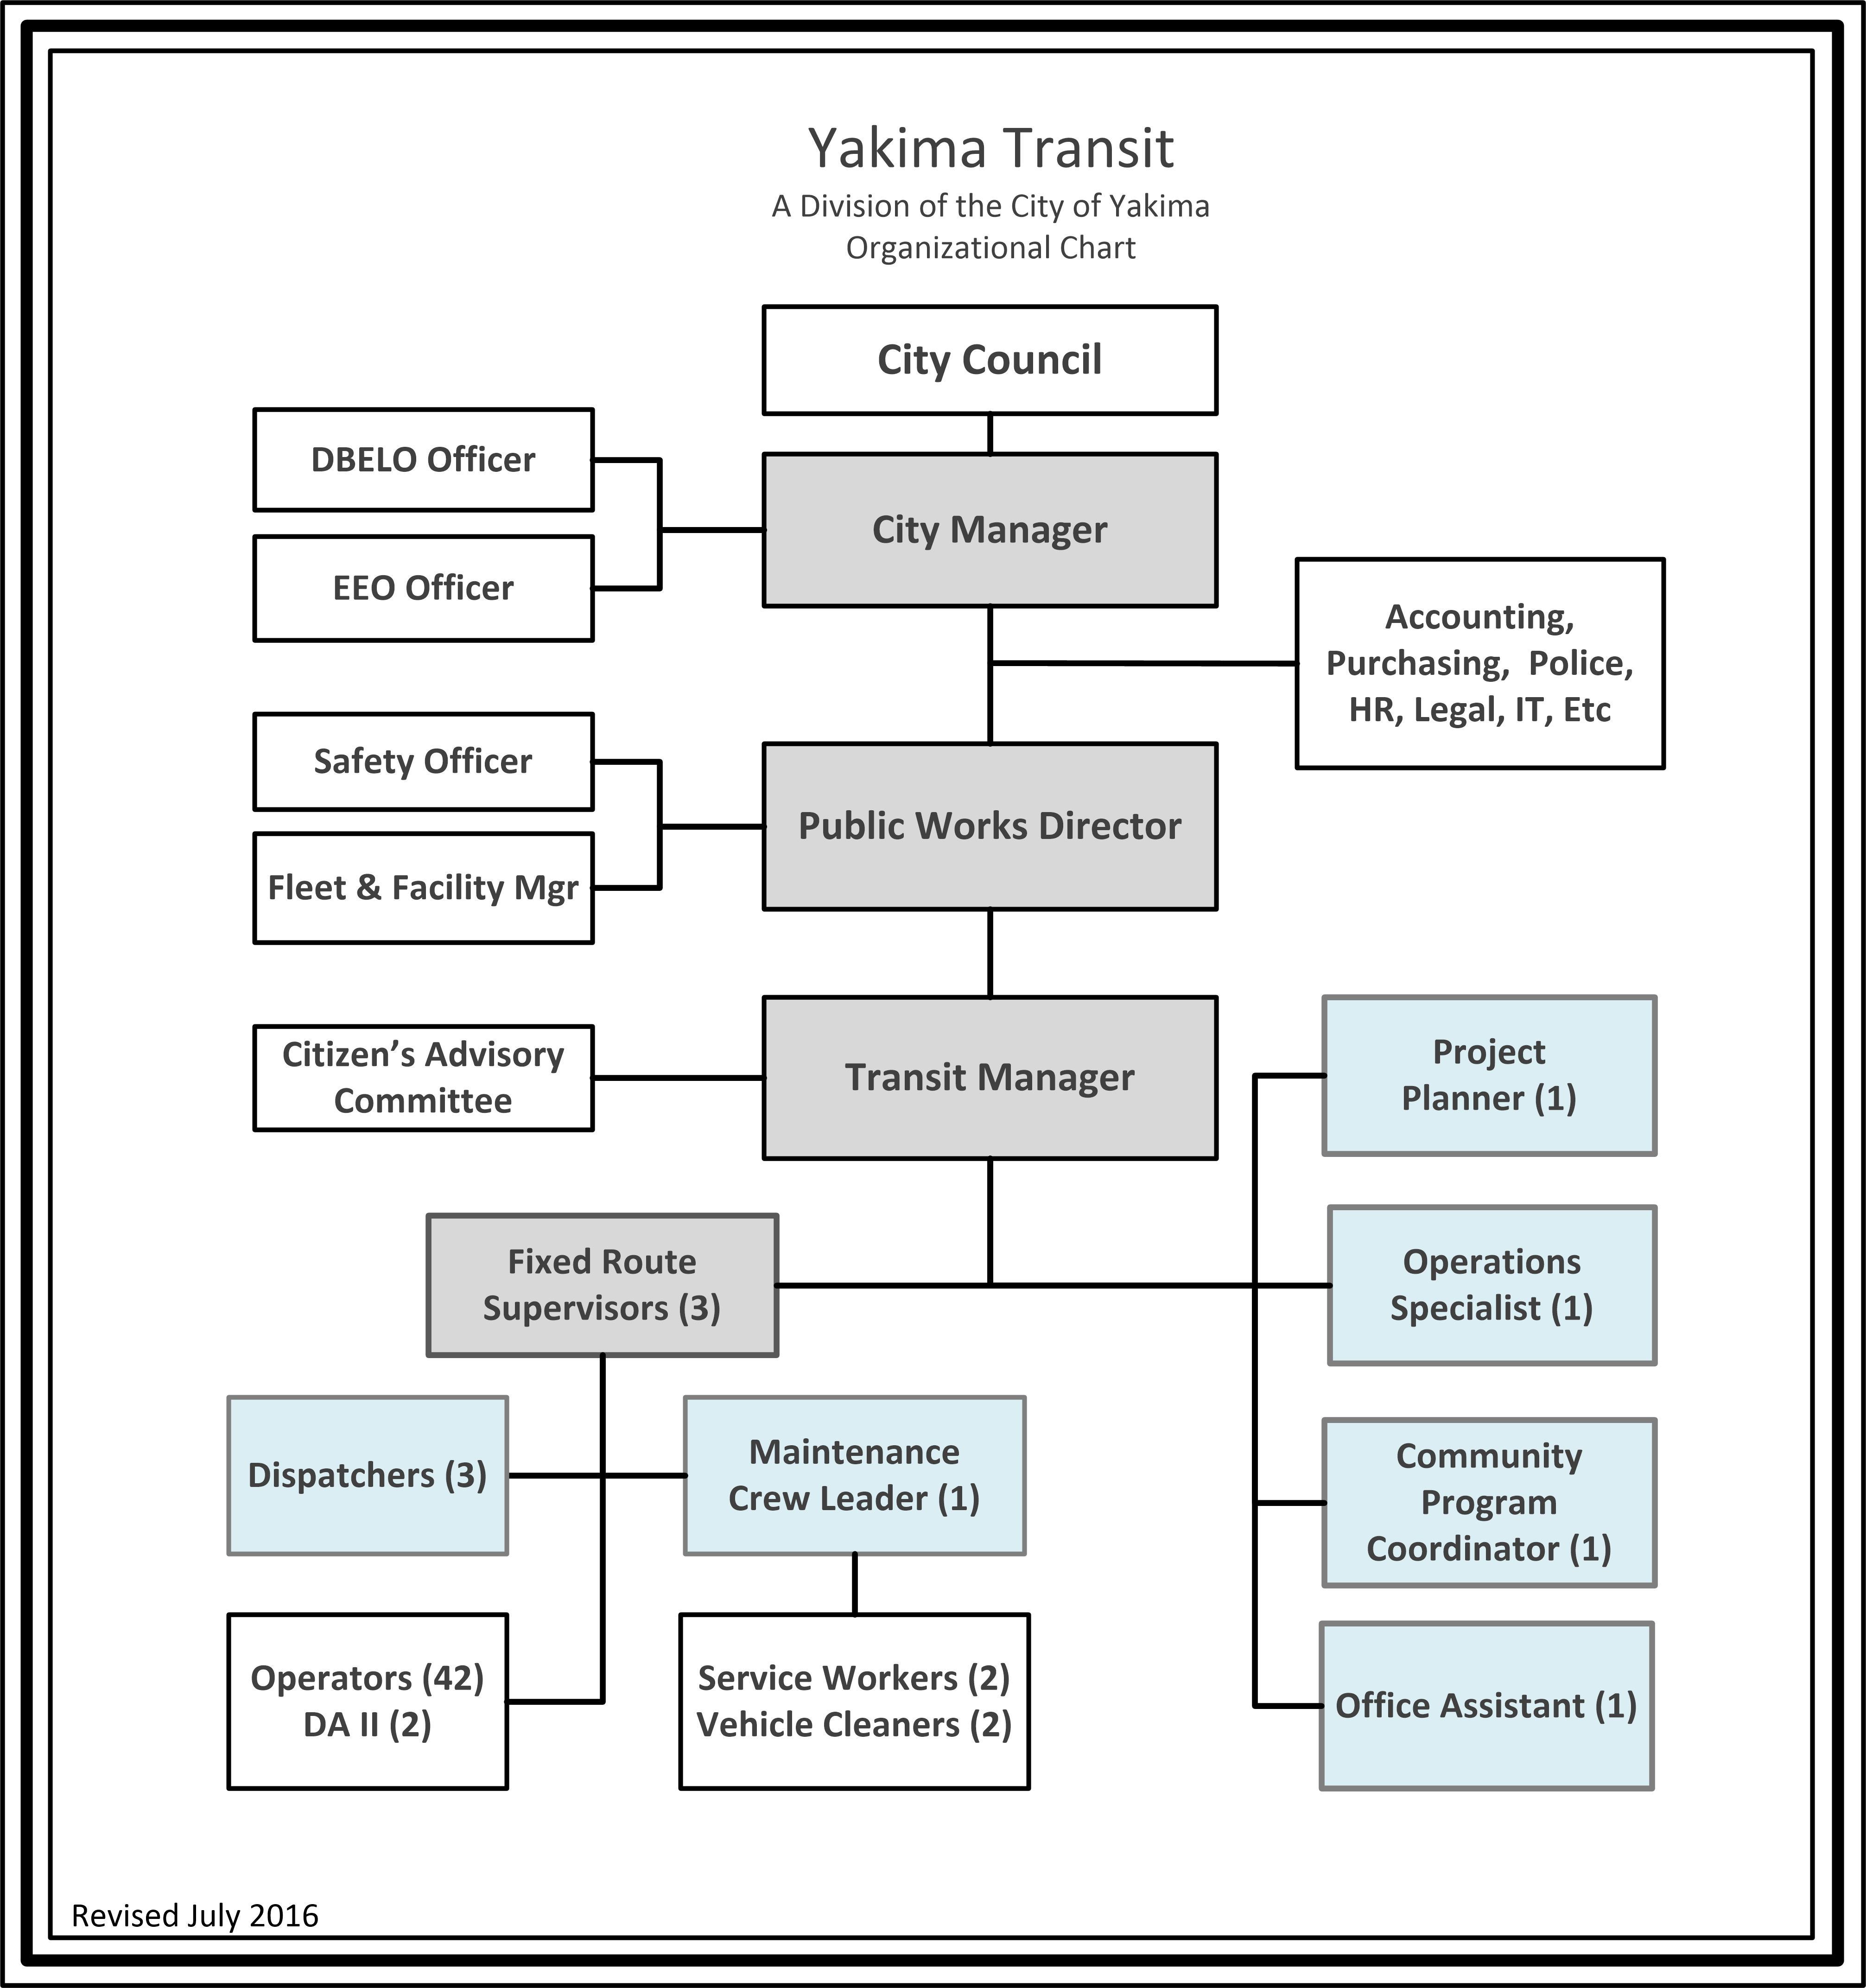 Organizational Chart Yakima Transit – Organizational Chart